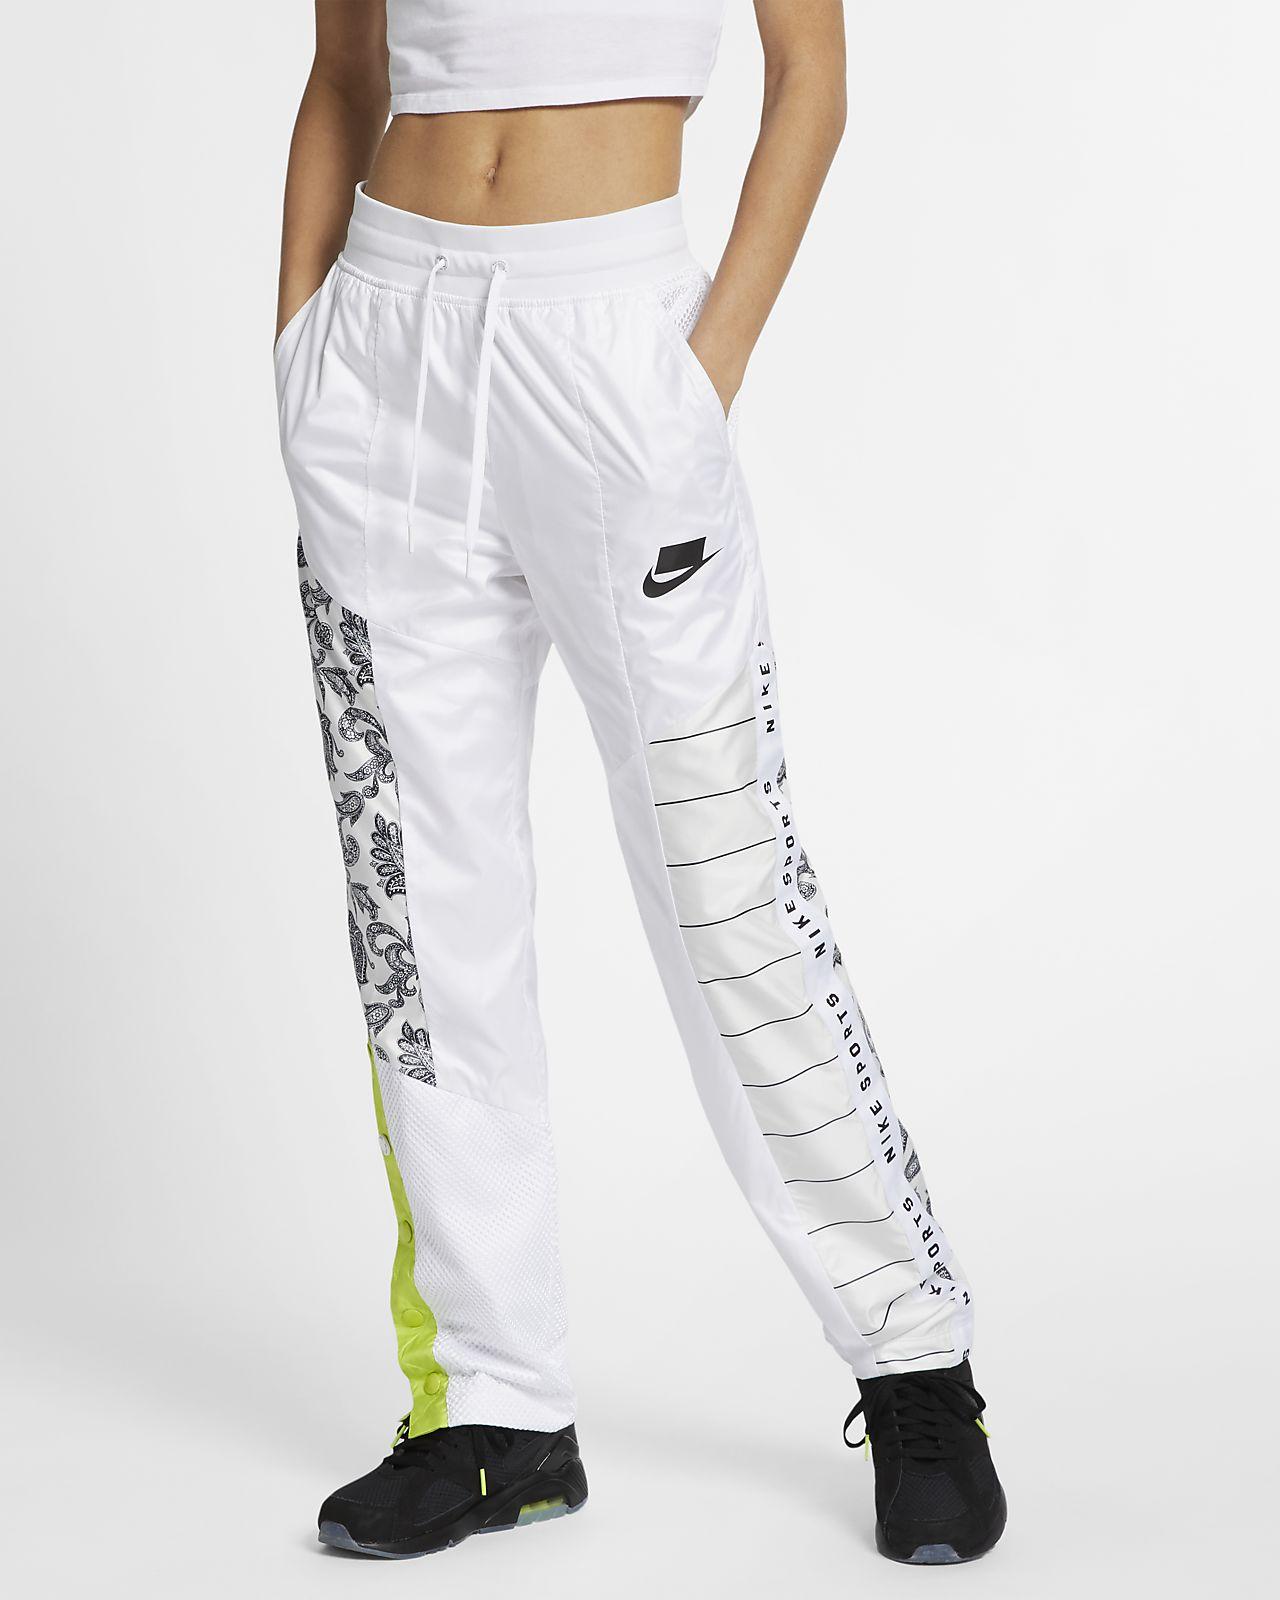 26a53b99bba6c Nike Sportswear NSW Women's Woven Tracksuit Bottoms